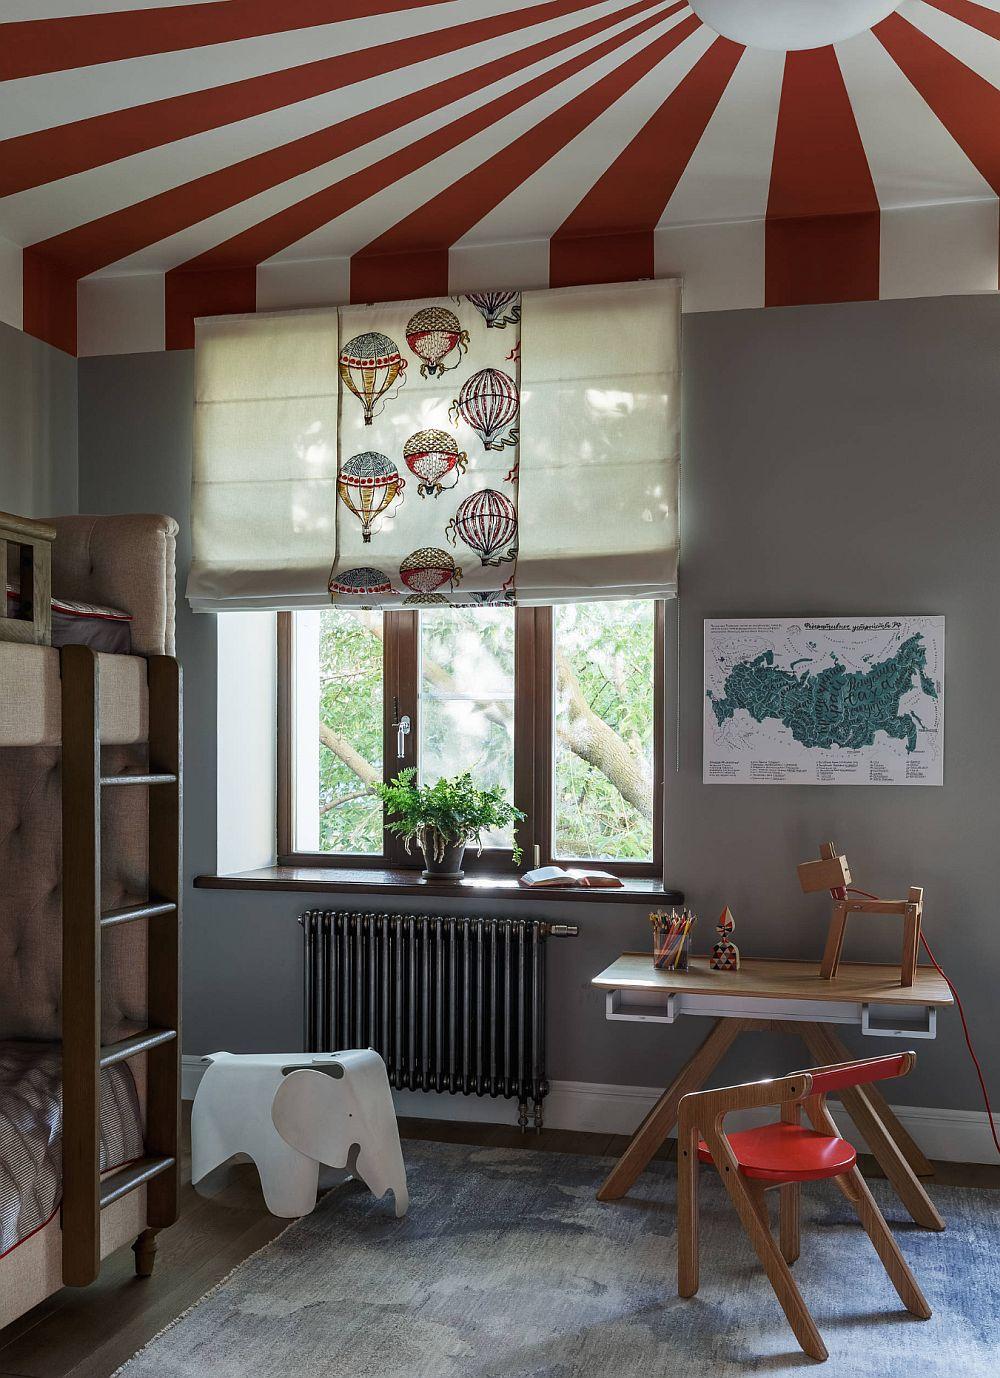 În aceeași cameră sunt organizate locurile de dormit șistudiu pentru trei copii, o provocare majoră pentru designer, care a avut în vedere un dressing separat față de cameră pentru ca în spațiul pe care-l împart copii, la mijloc să existe cât mai mult loc de joacă.